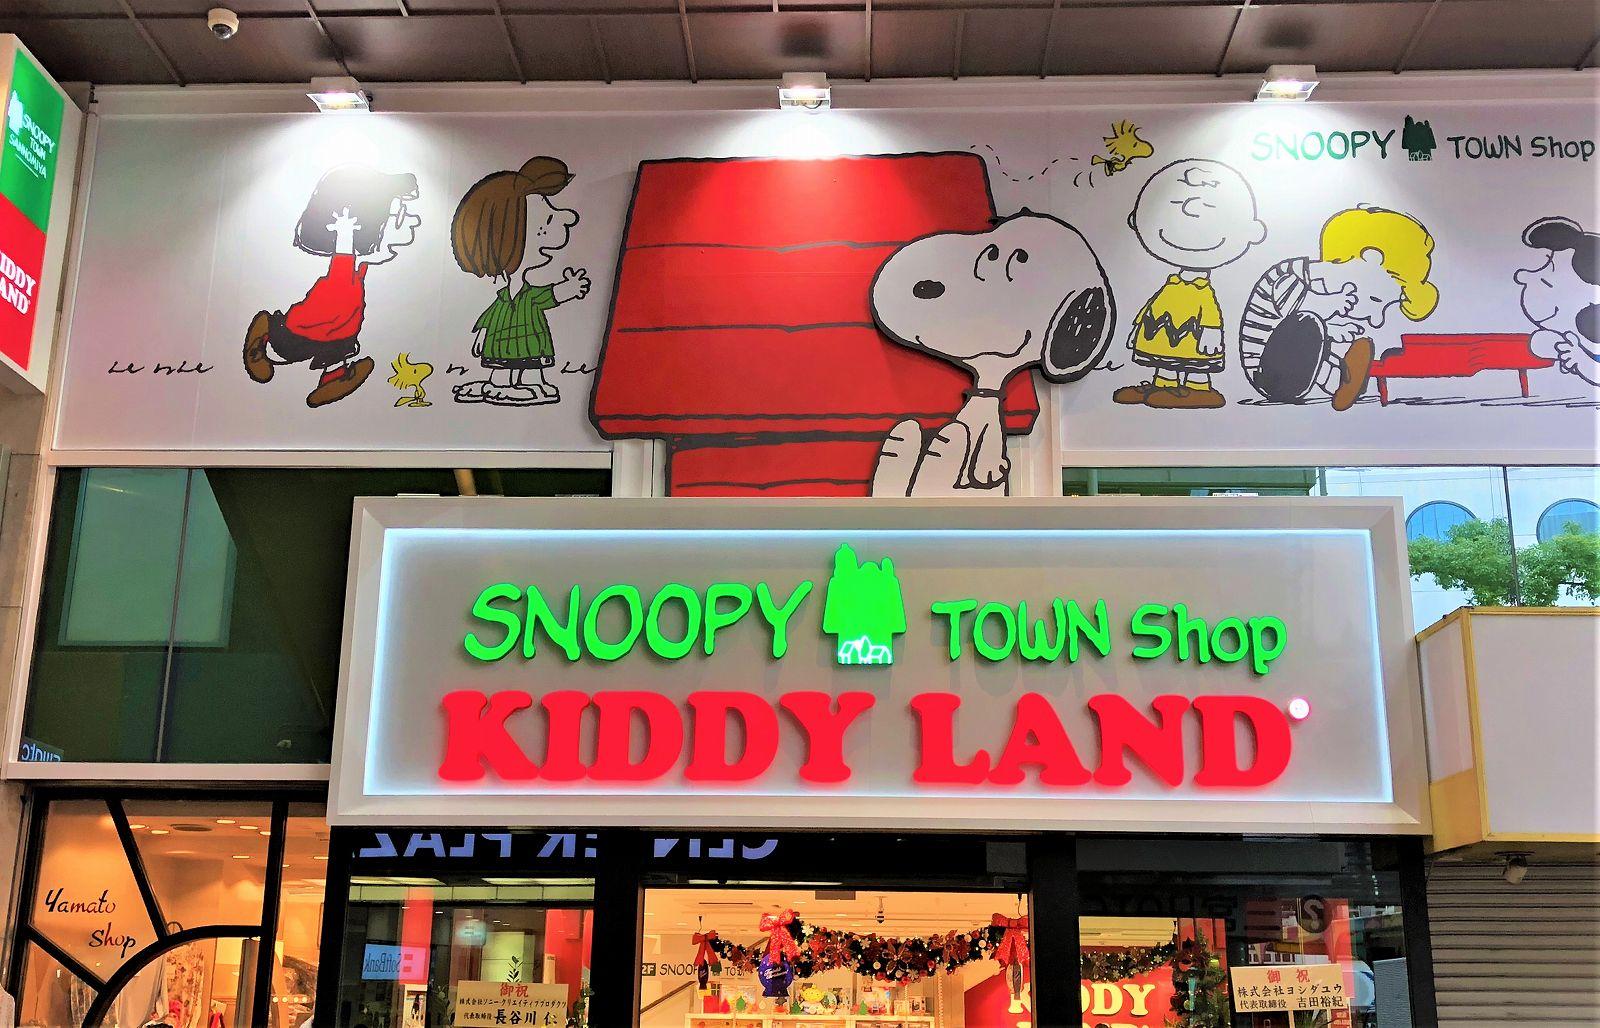 大行列!神戸・三宮センター街・ジュンク堂のビルに「キデイランド」と「スヌーピータウンショップ」が11月1日(木)オープンしたよ! #新規オープン #キデイランド #スヌーピータウンショップ #センター街